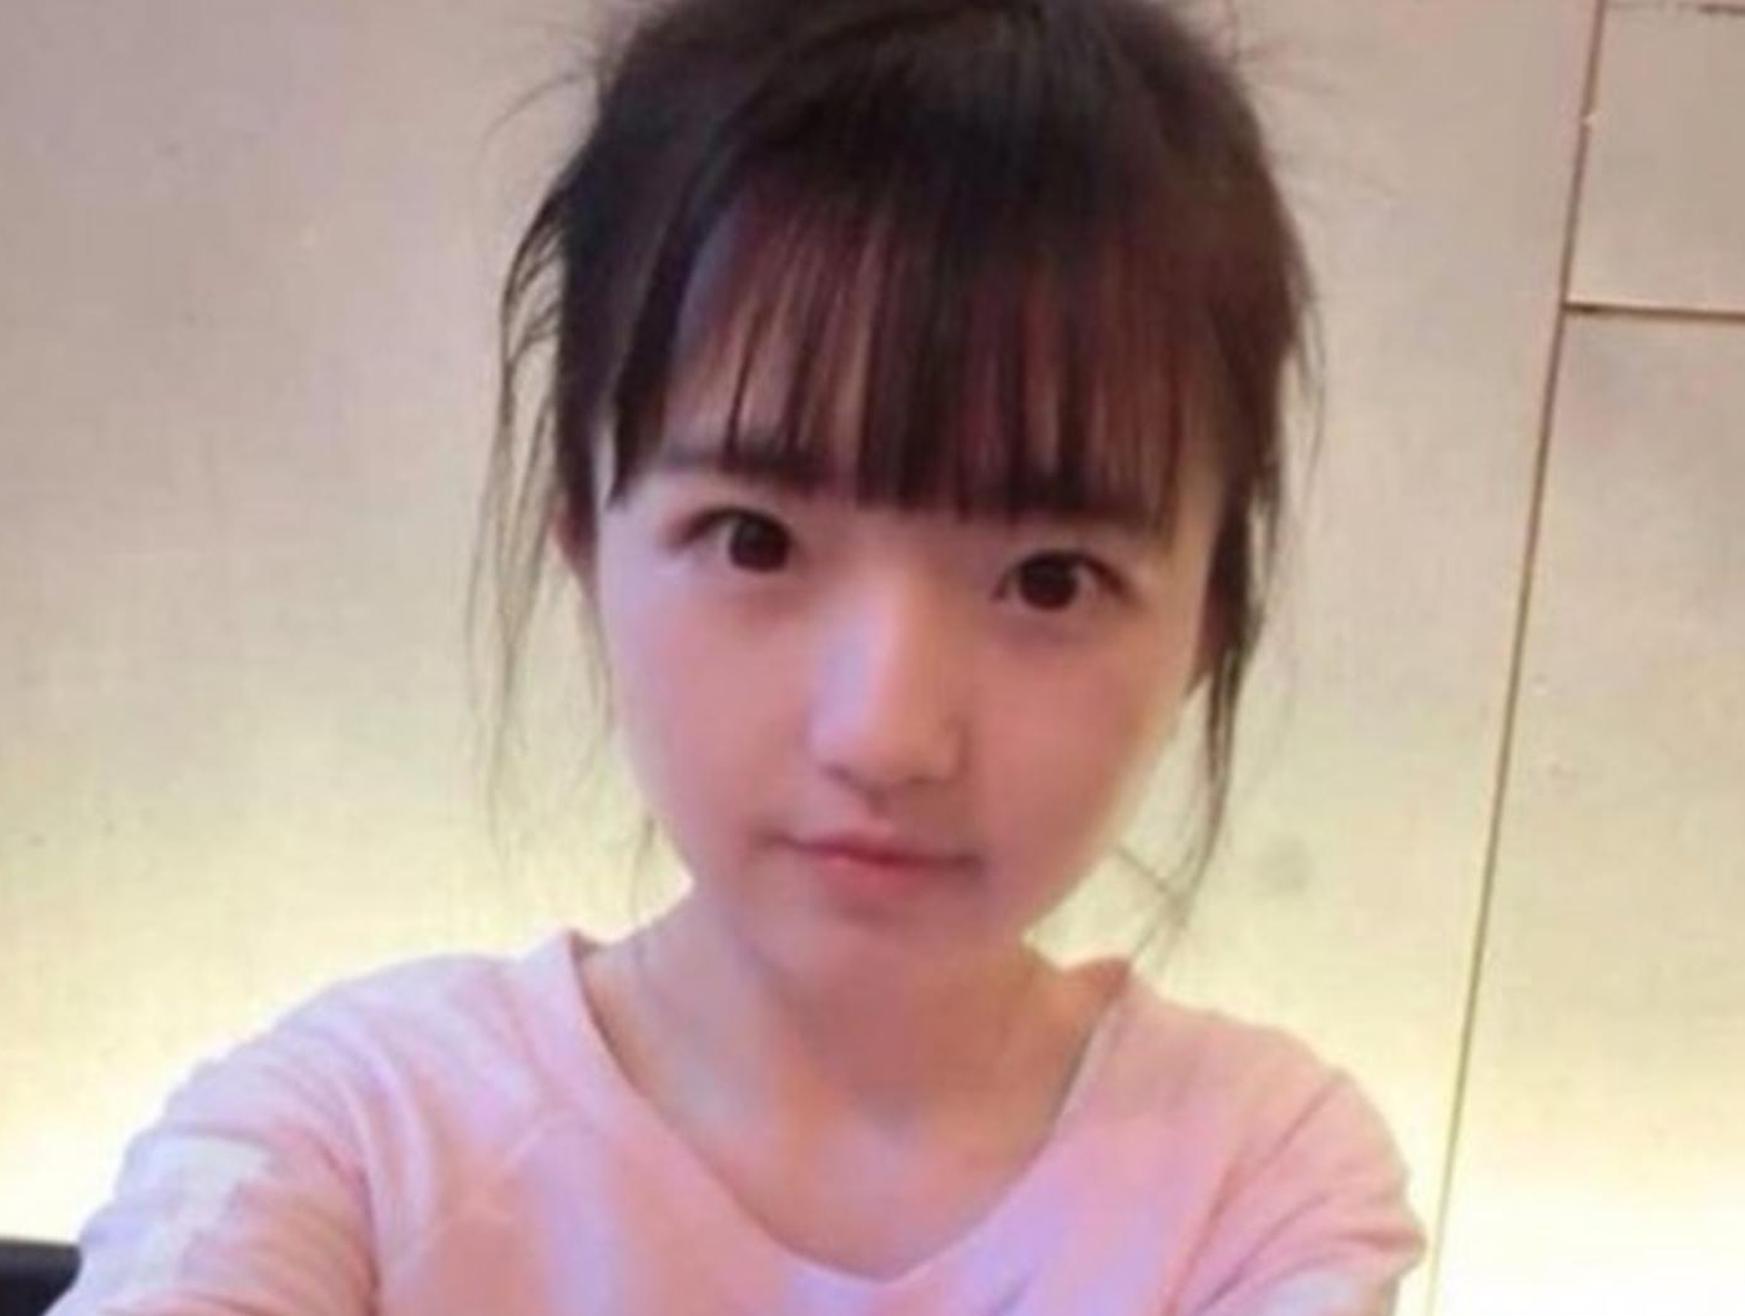 深圳天山童姥爆红网络 38岁像16岁